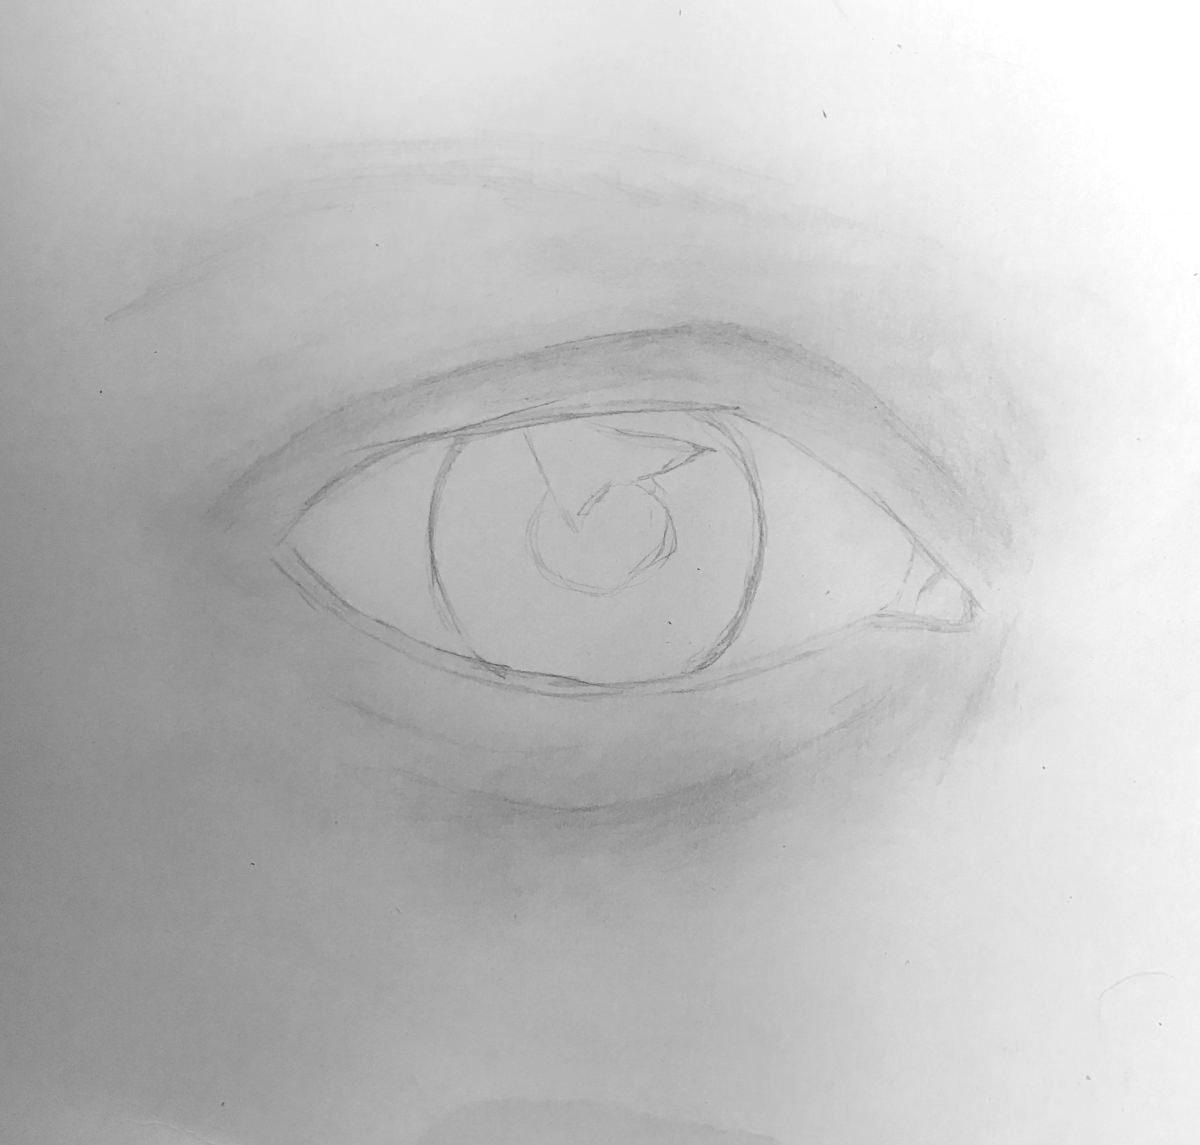 draw-a-realistic-eye-step-03-lightly-shade.jpg